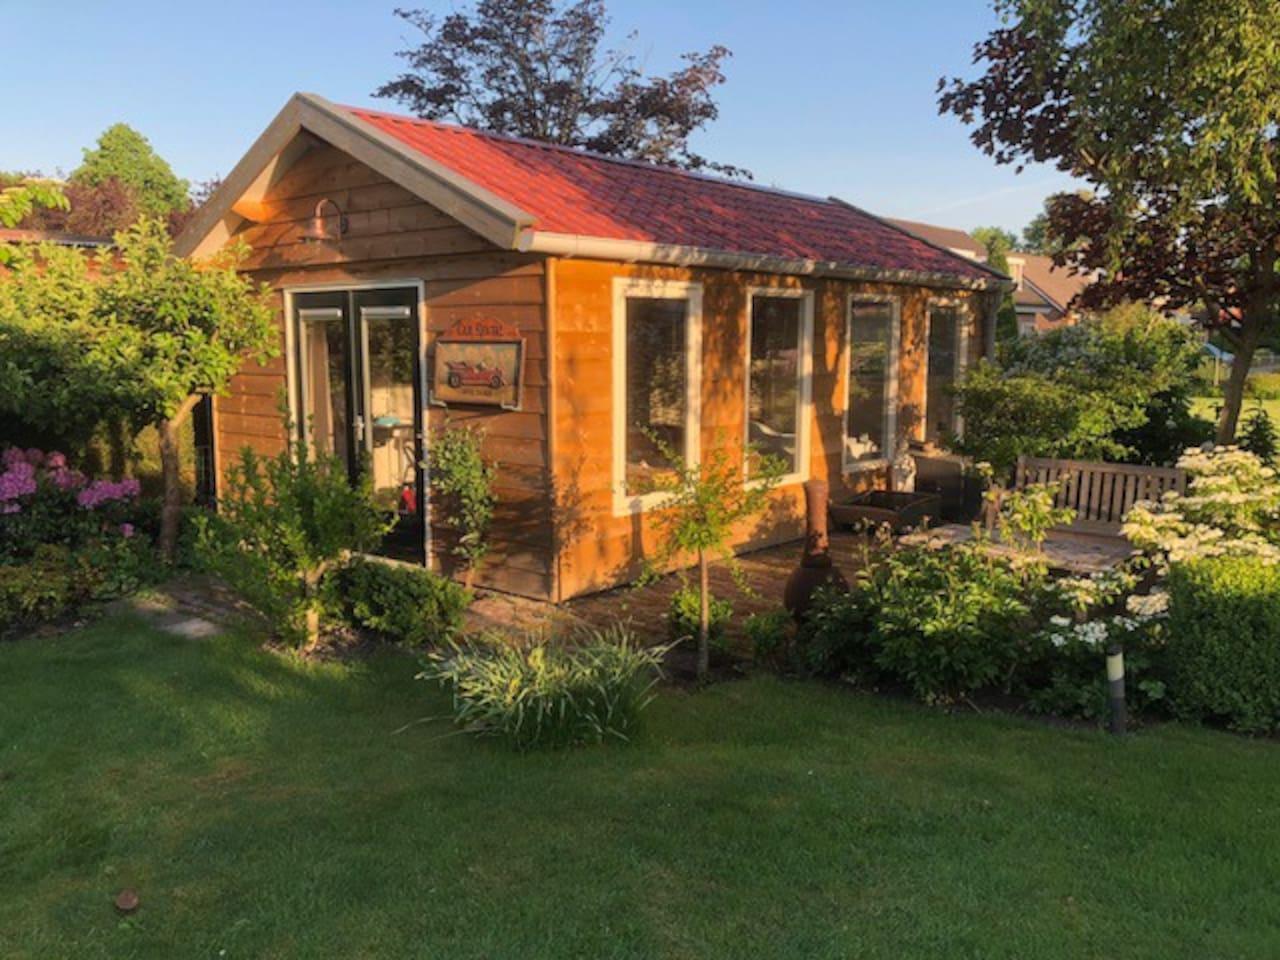 Tuinhuis/chalet Bed & Breakfast De Fruitige Tuin